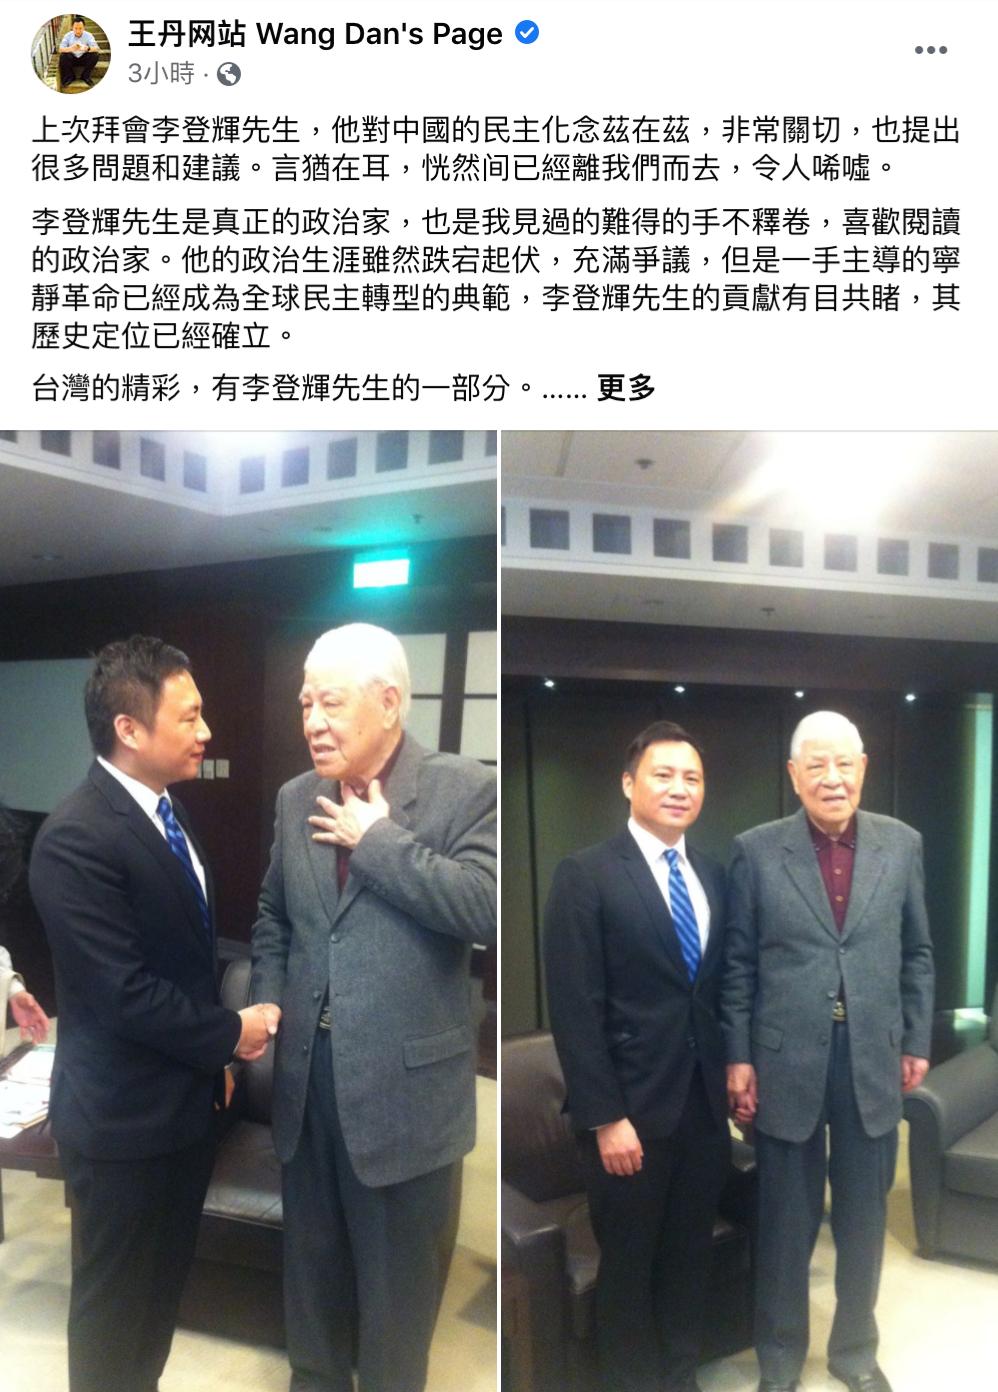 前中国天安门学运领袖王丹带脸书po出与李登辉的合照,并发追悼文。(王丹脸书)